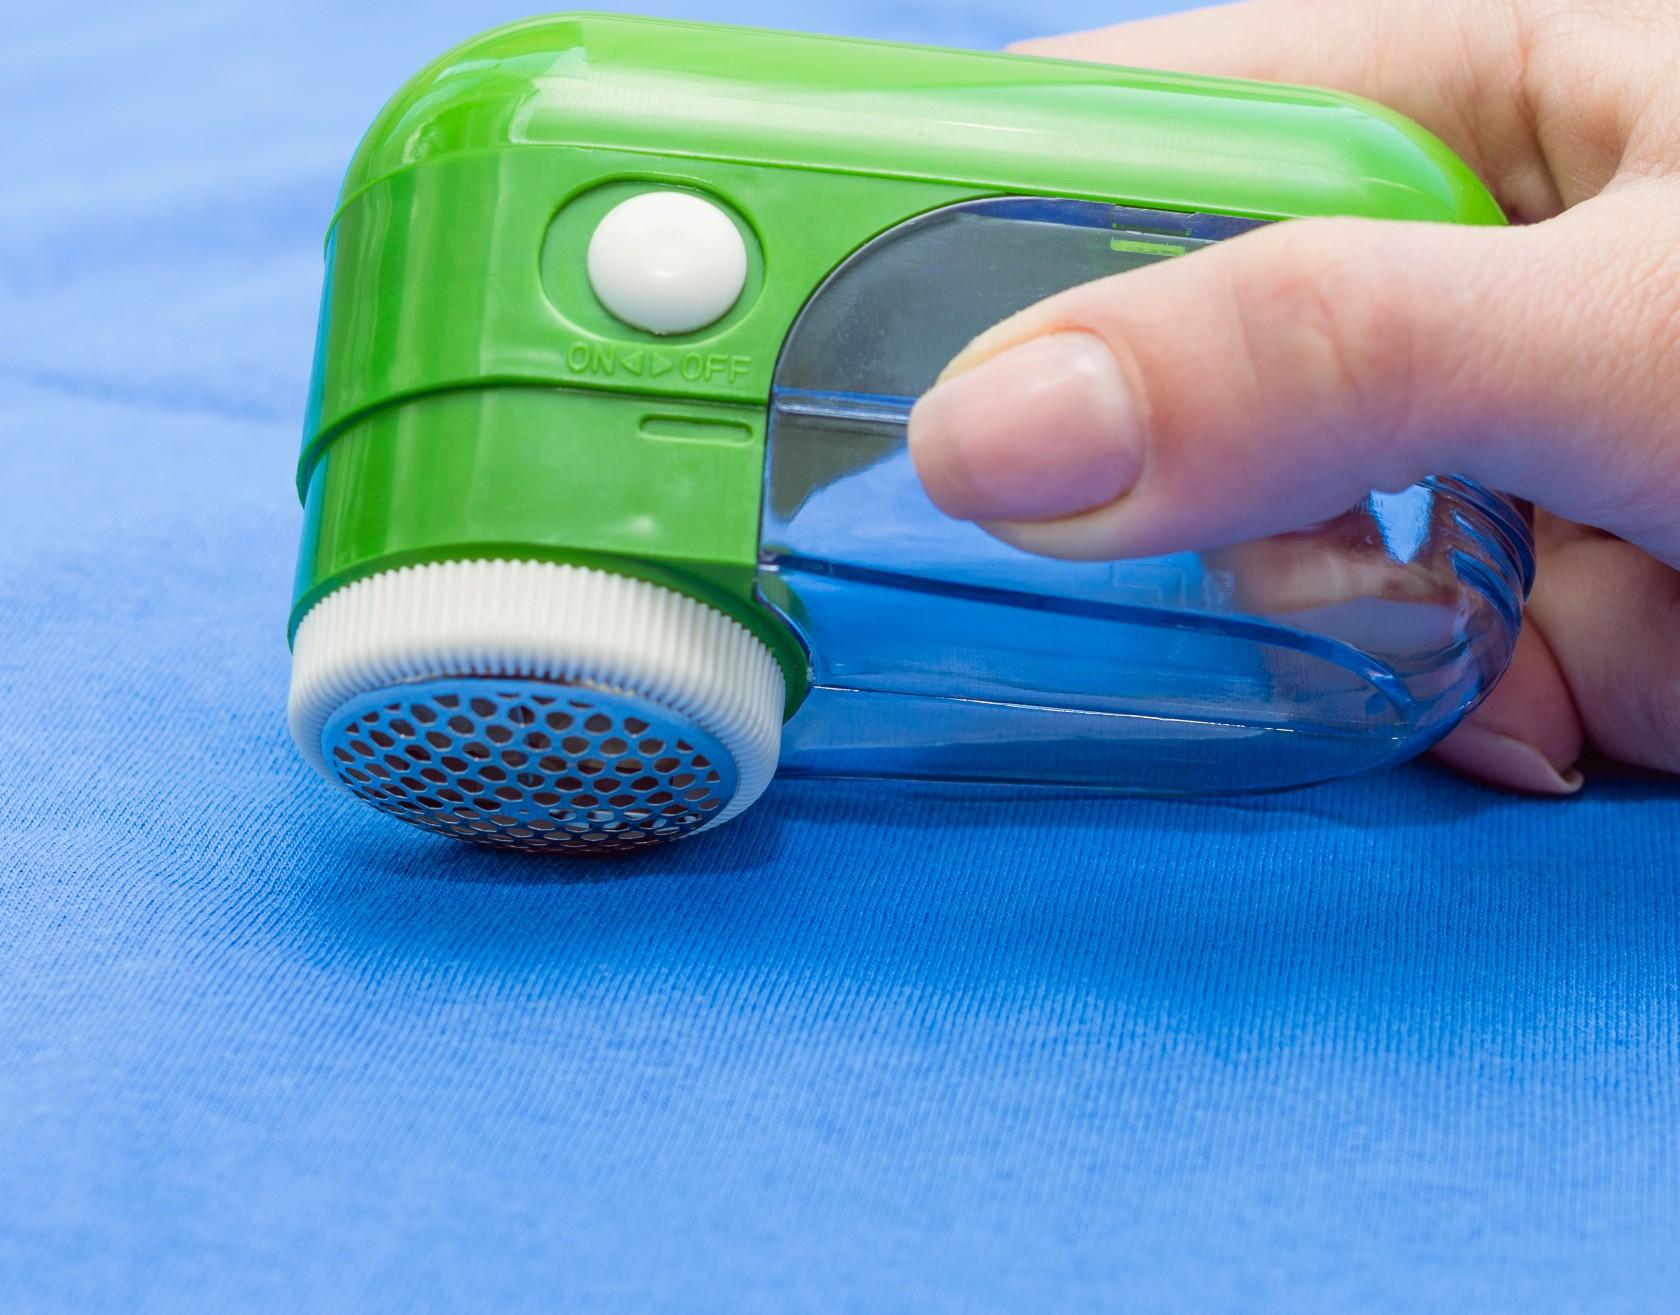 Hausmittel gegen Fusseln, Fusselrasierer auf blauem Stoff